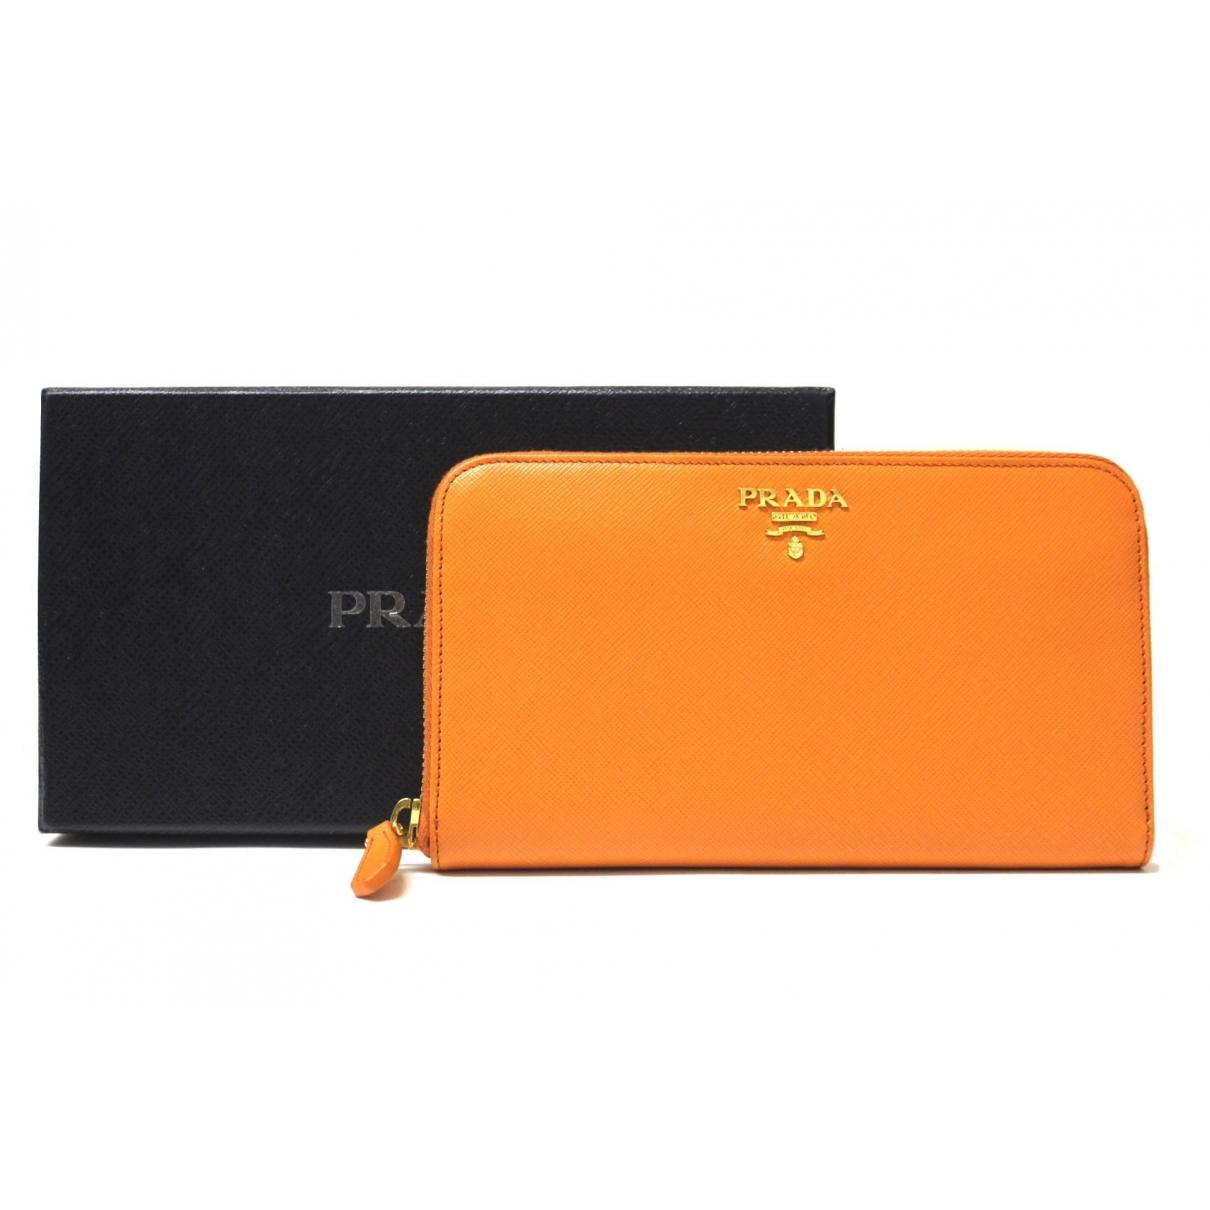 Prada \N Orange Leather wallet for Women \N